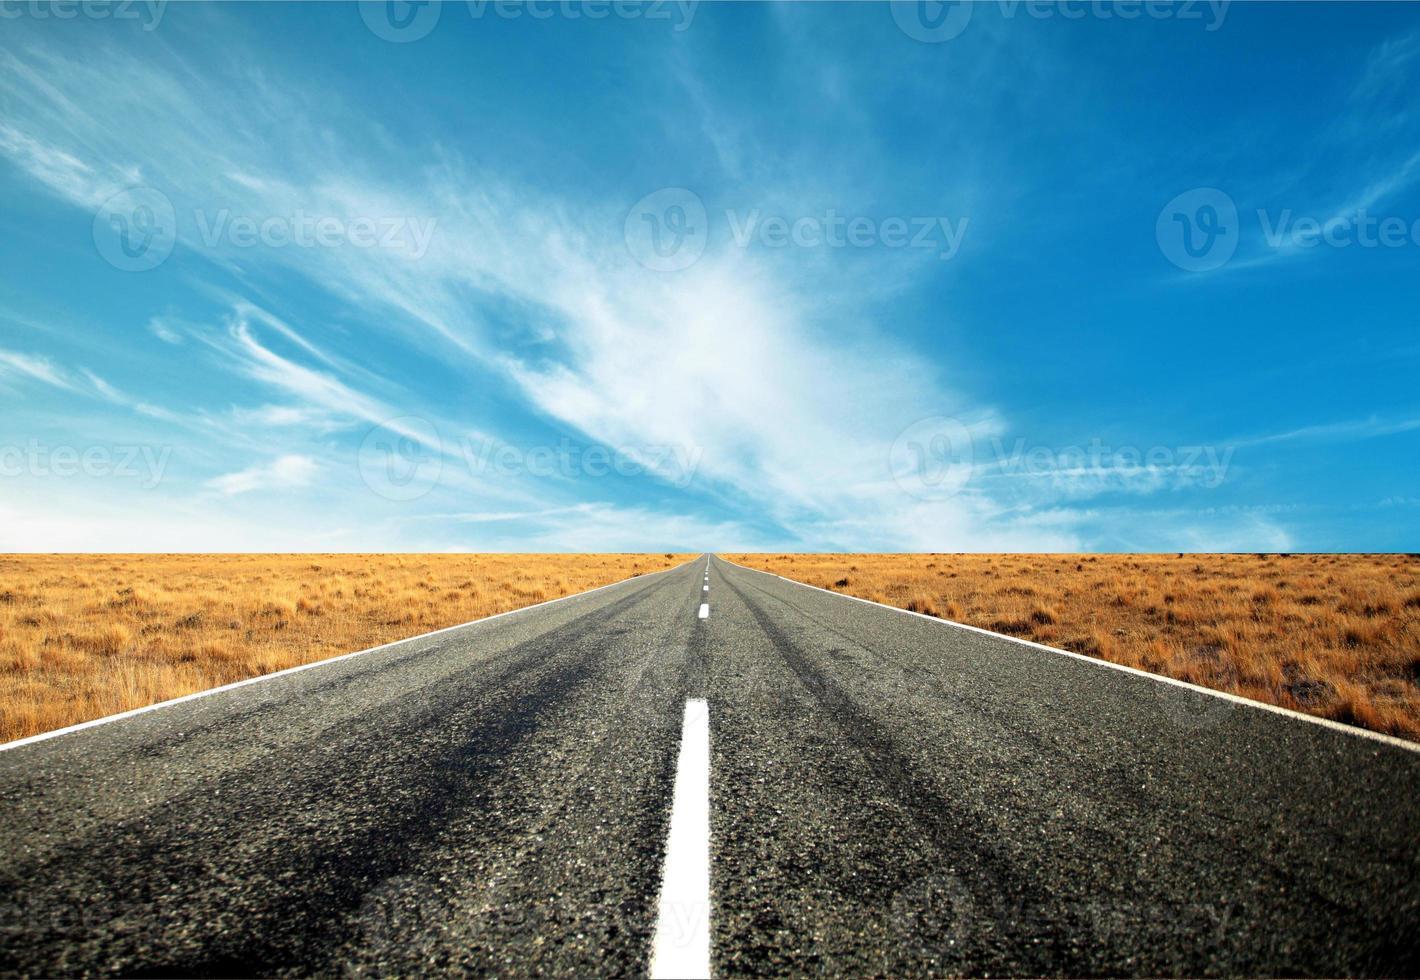 Carretera asfaltada recta vacía foto